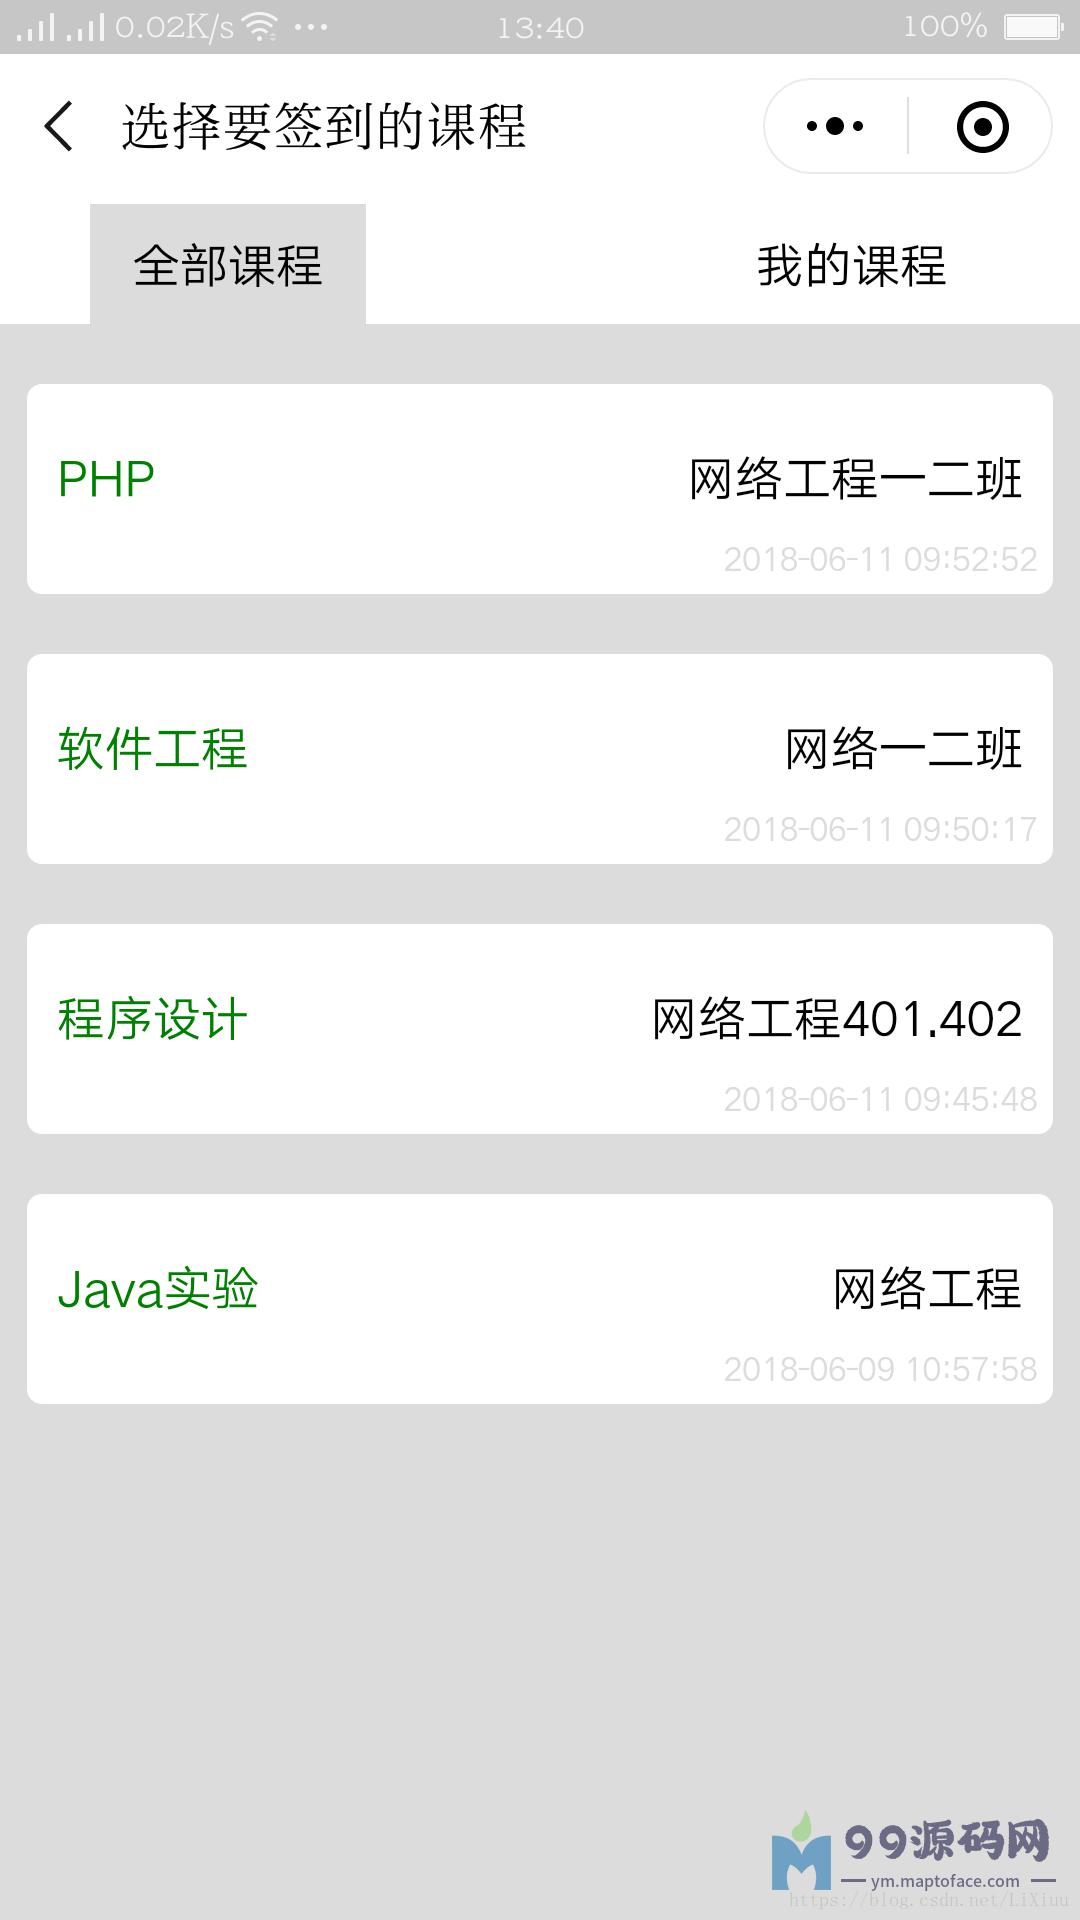 php后台 微信小程序 考勤签到助手